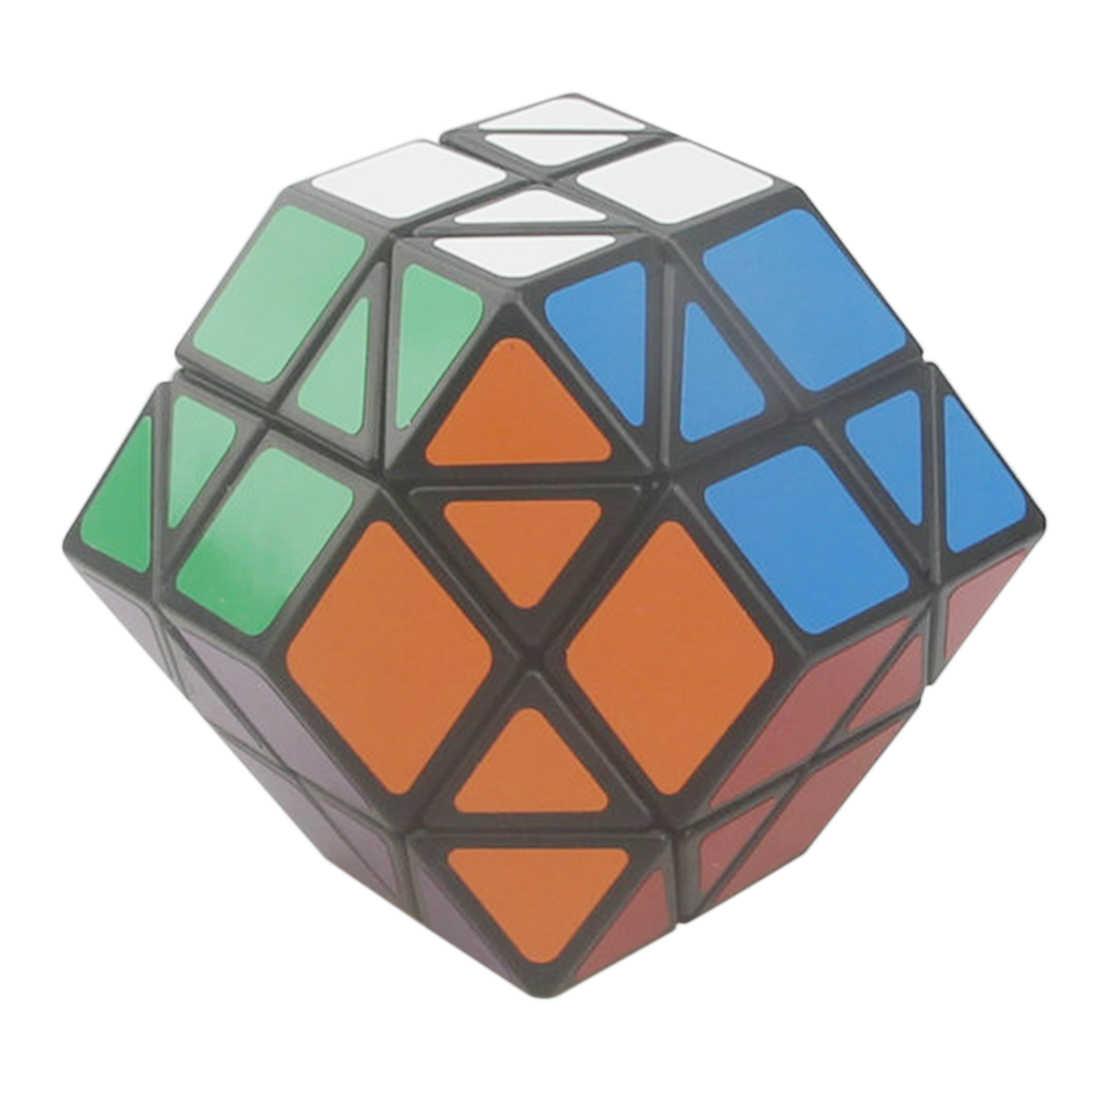 12 оси 12-граненый, Магический кубик, Ранние обучающие игрушки для Для детей подарок детям на новый куб 2019